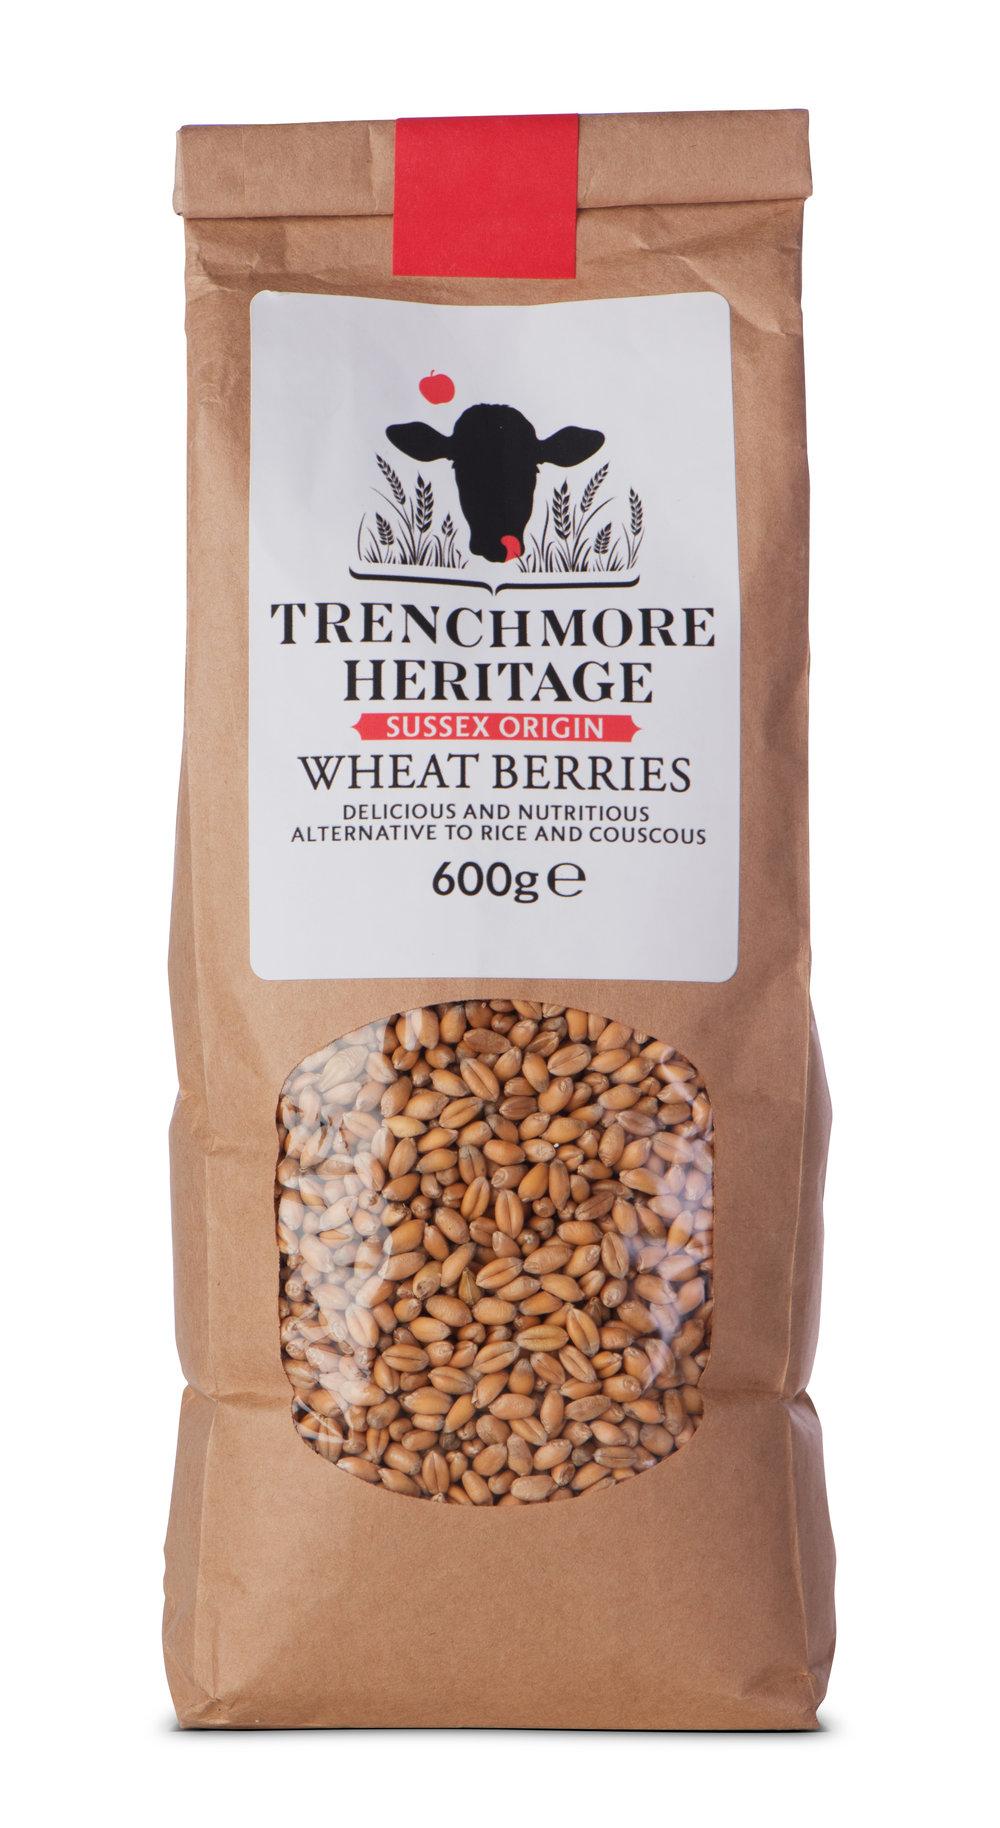 TM Wheat Berries.jpg